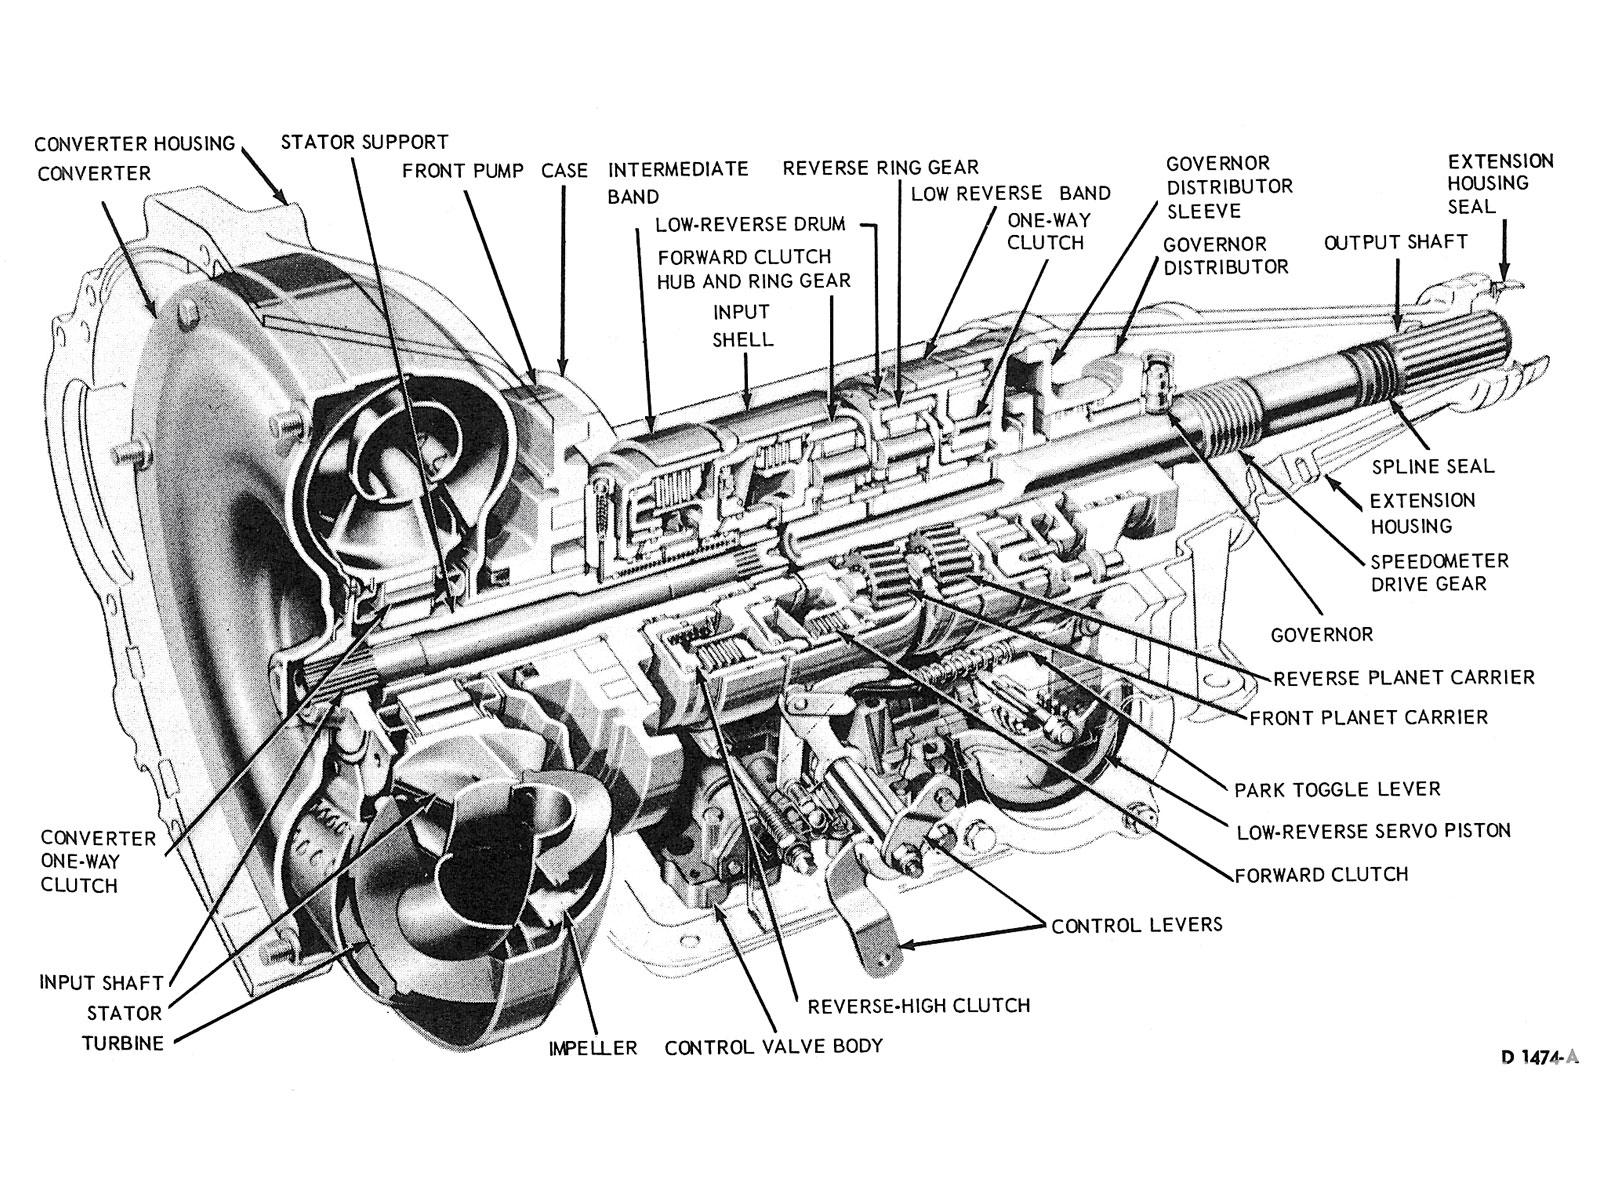 e4od transmission wiring diagram image details Allison Transmission Schematics allison transmission wiring diagram allison transmission schematics